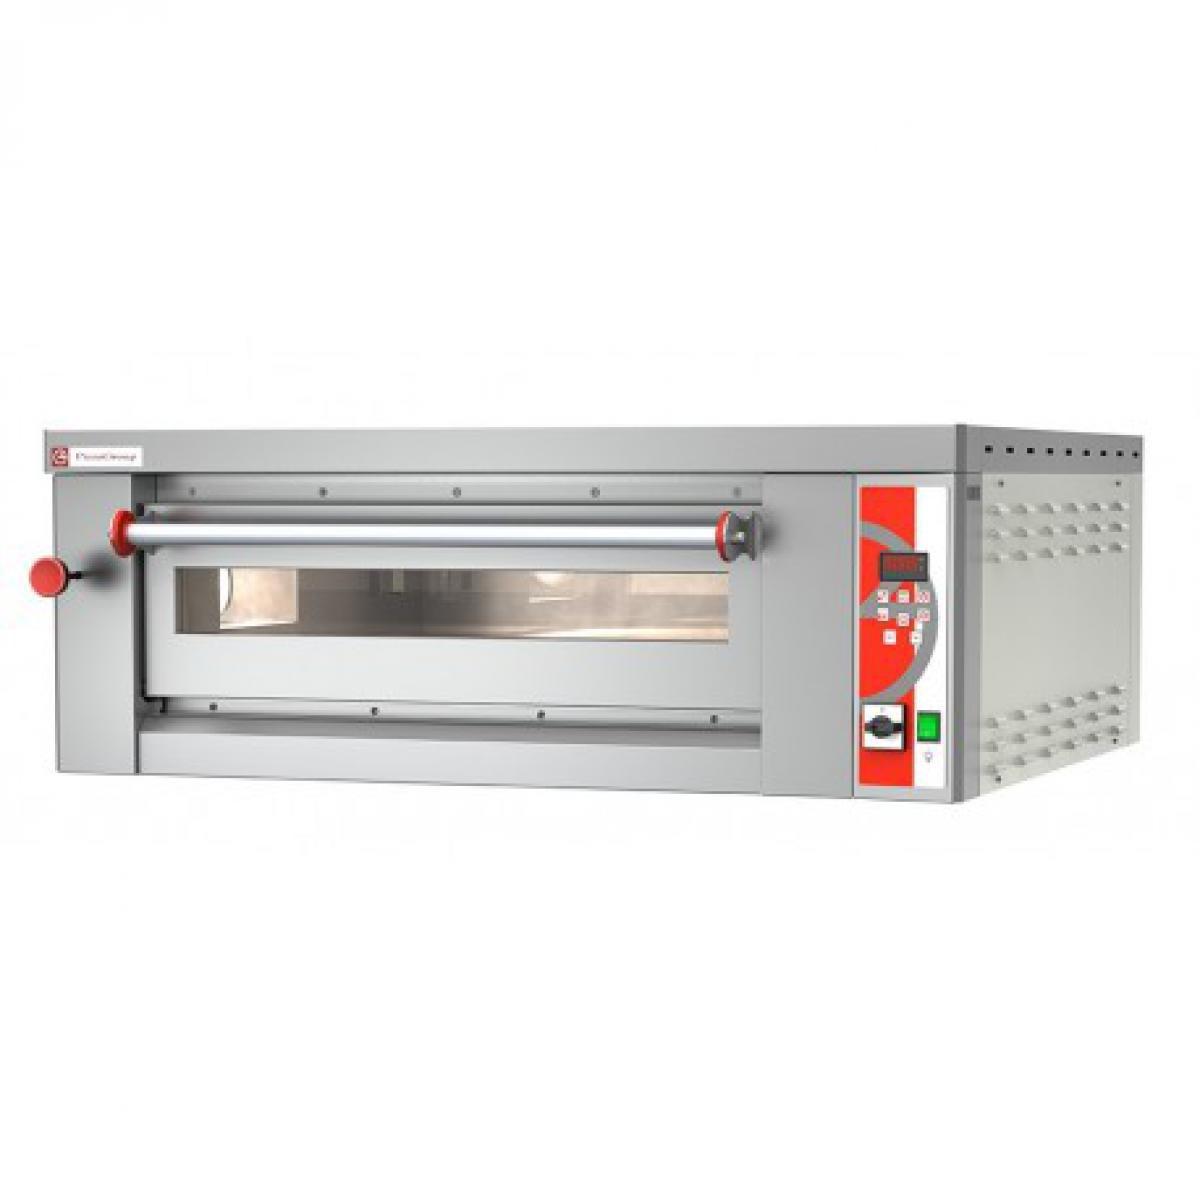 Mishky Four à pizza électrique professionnel - Modulaire 8,90 kW - Pizzagroup -